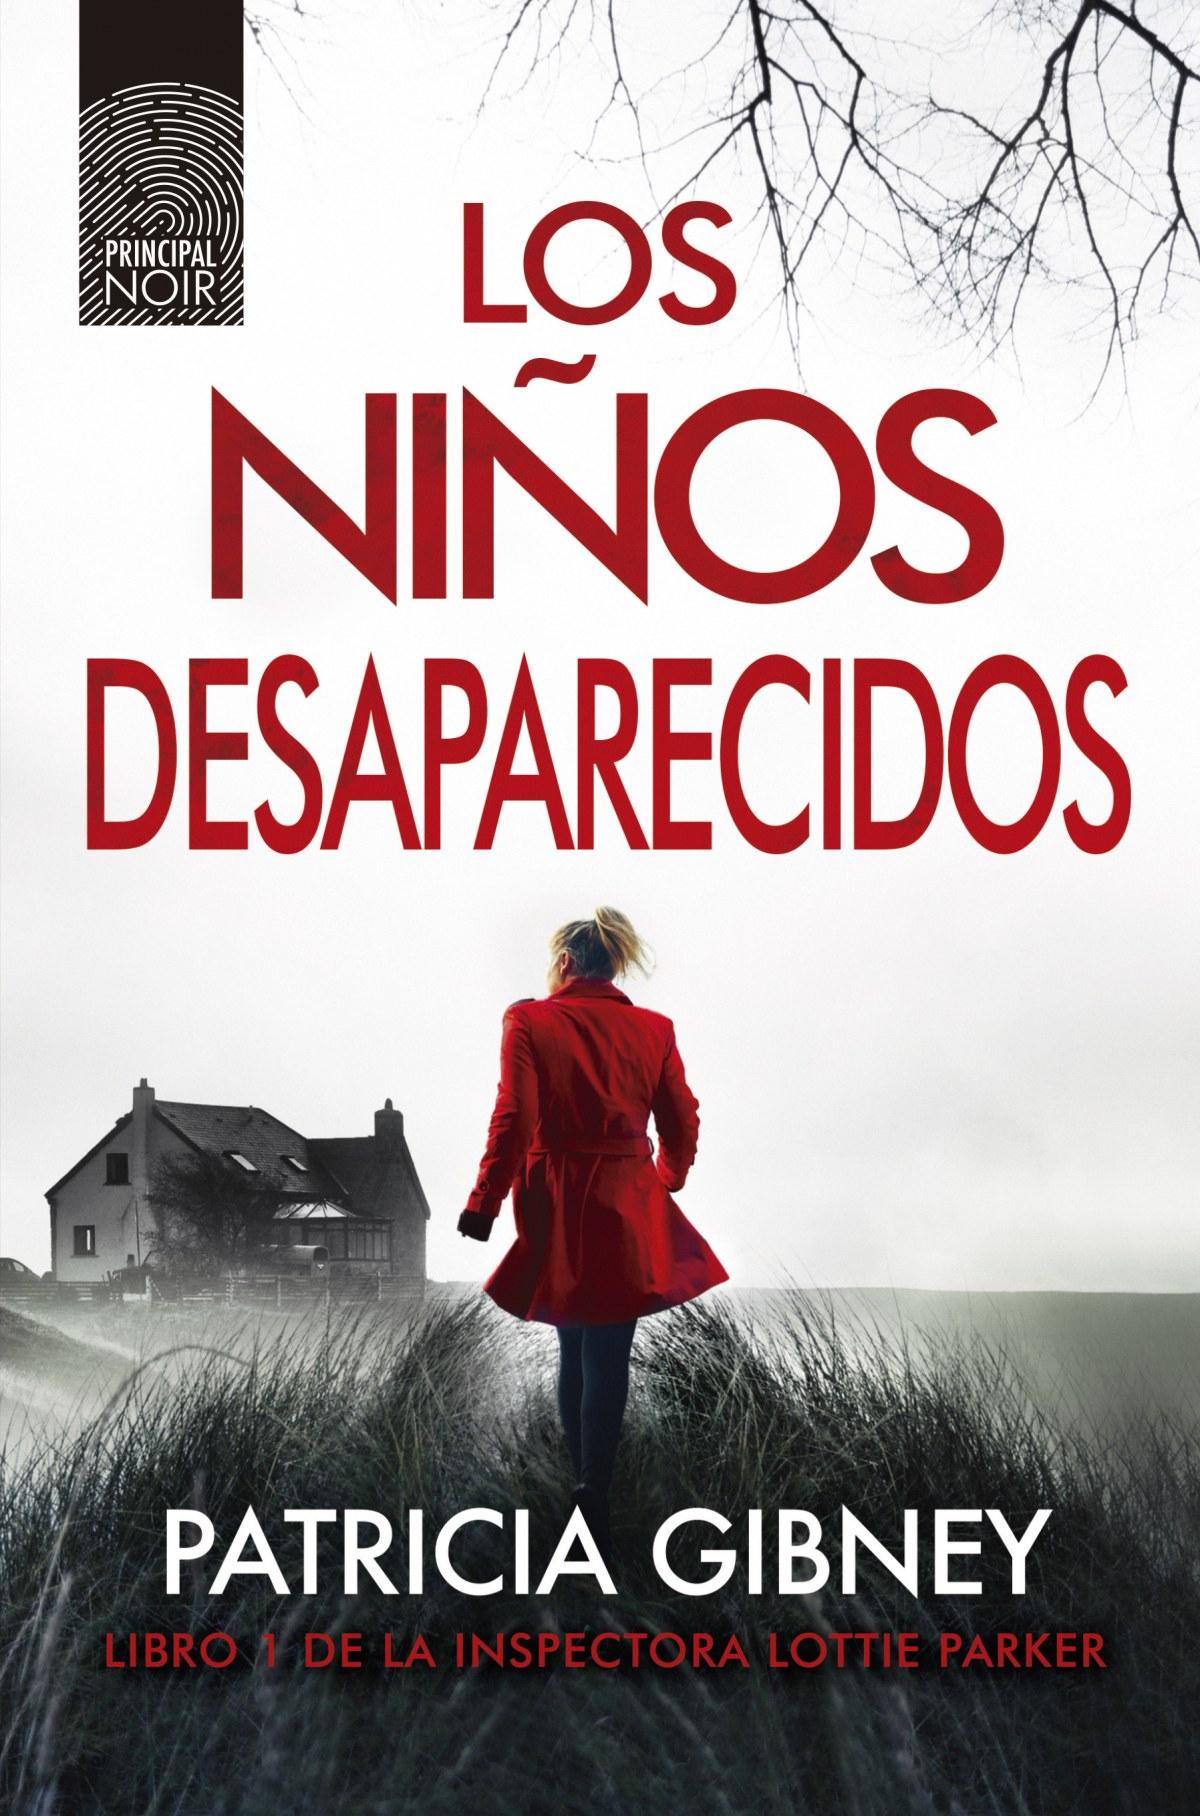 LOS NIñOS DESAPARECIDOS 9788417333249